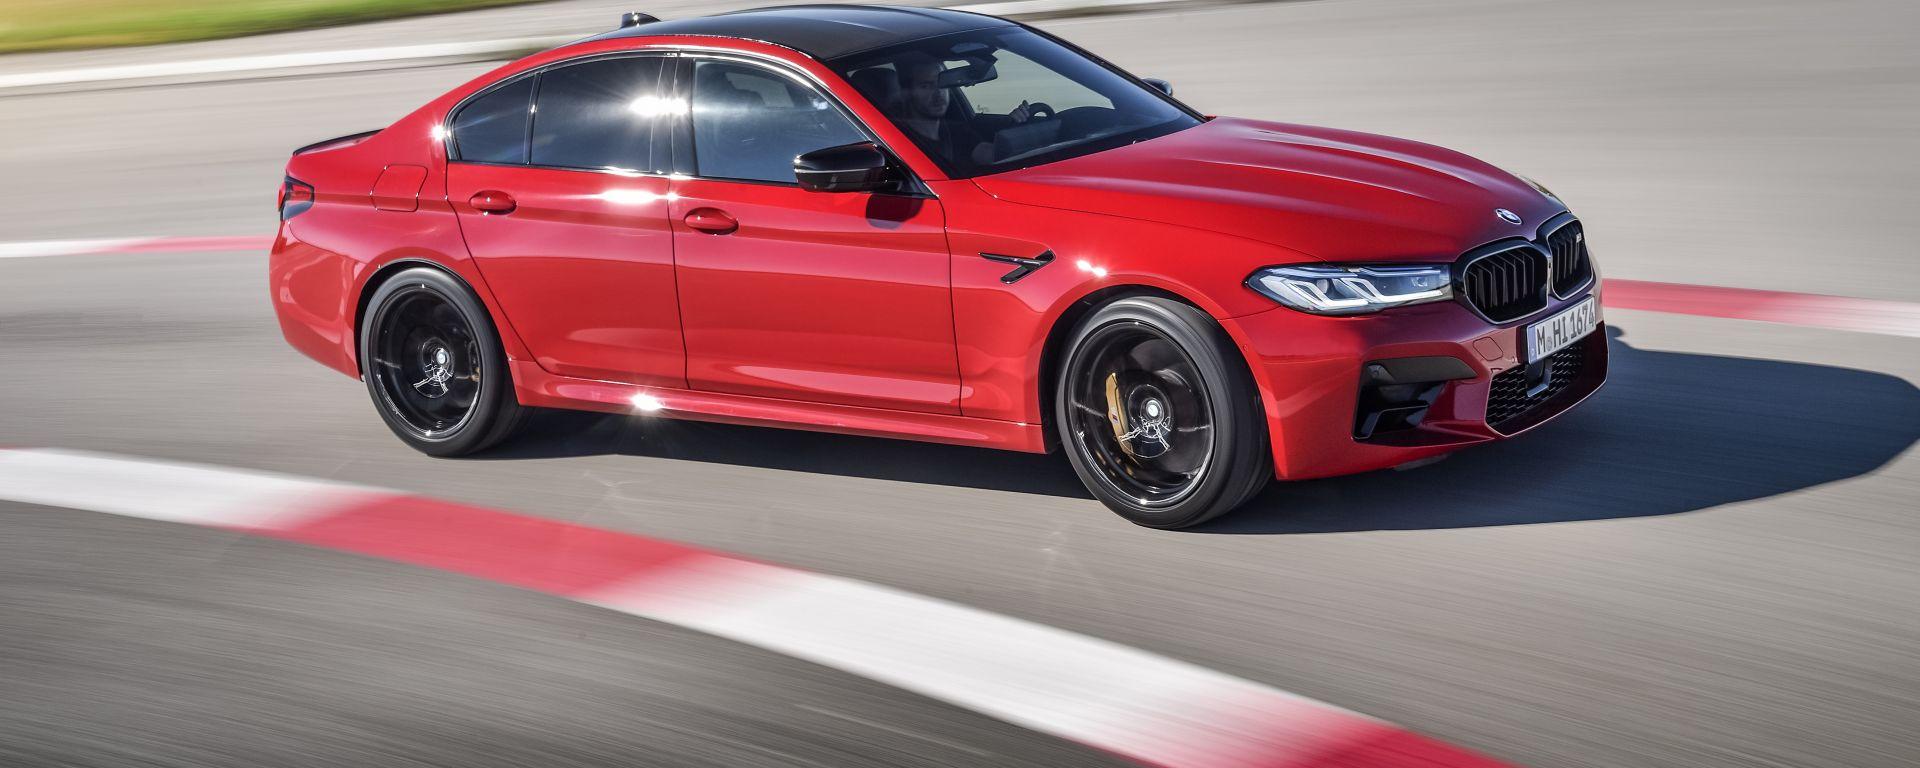 BMW M5 2021: proporzioni equilibrate e stile inconfondibile